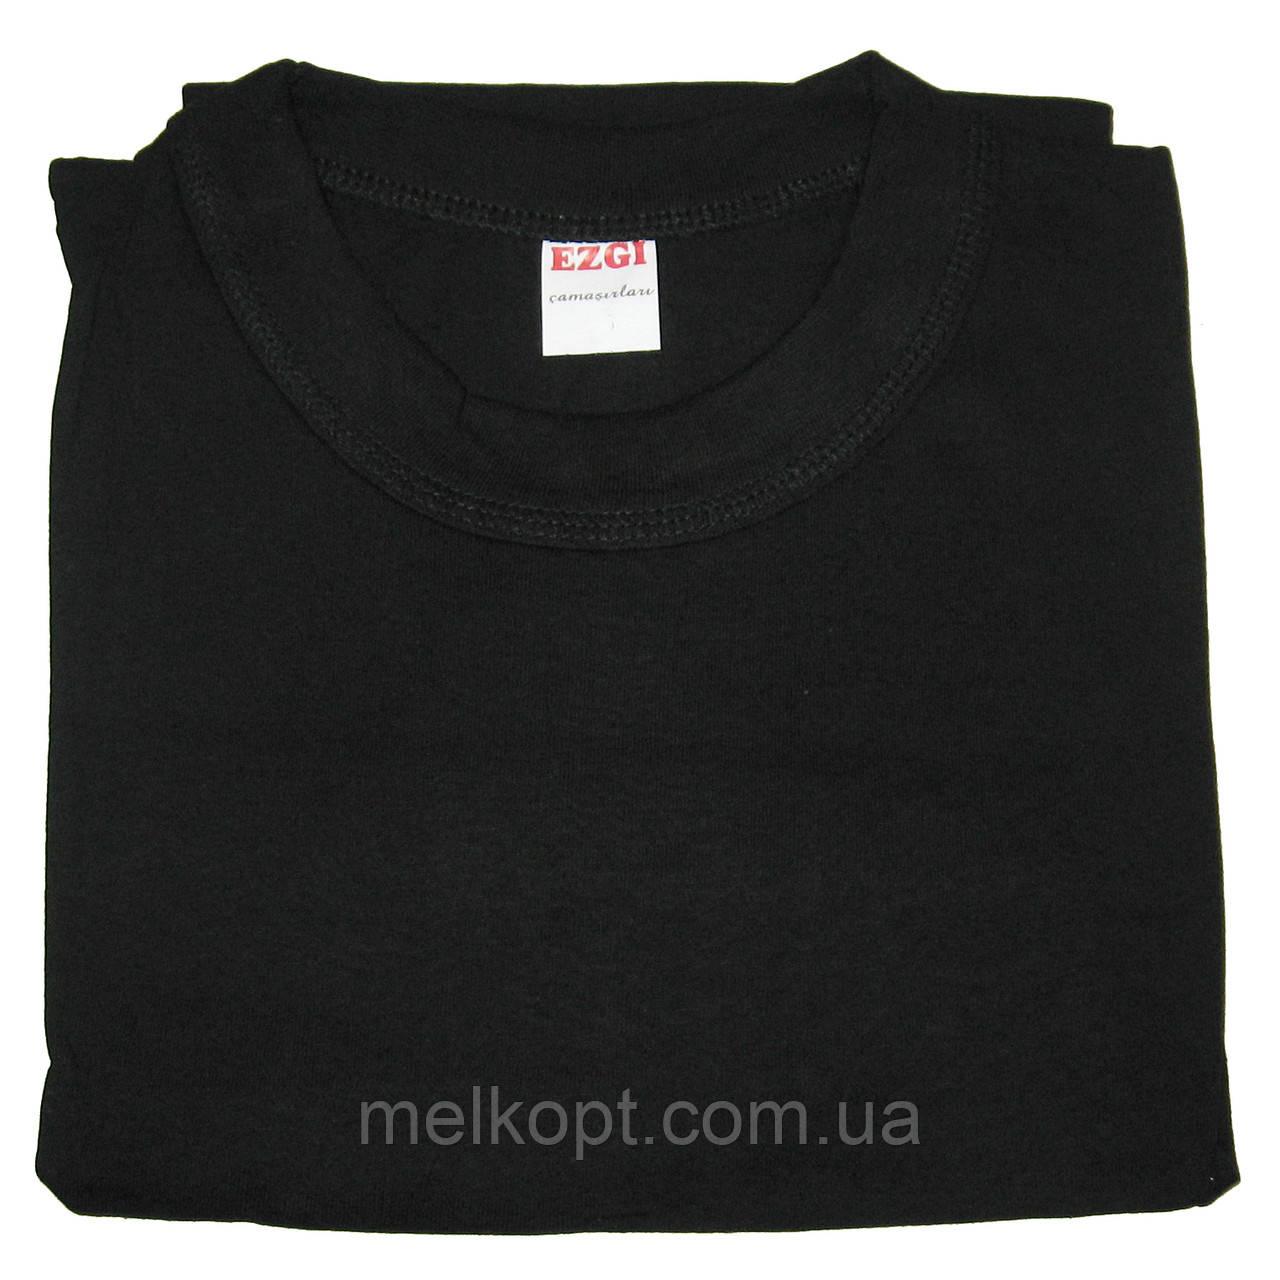 Мужские футболки Ezgi - 75,00 грн./шт. (75-й размер, черные)